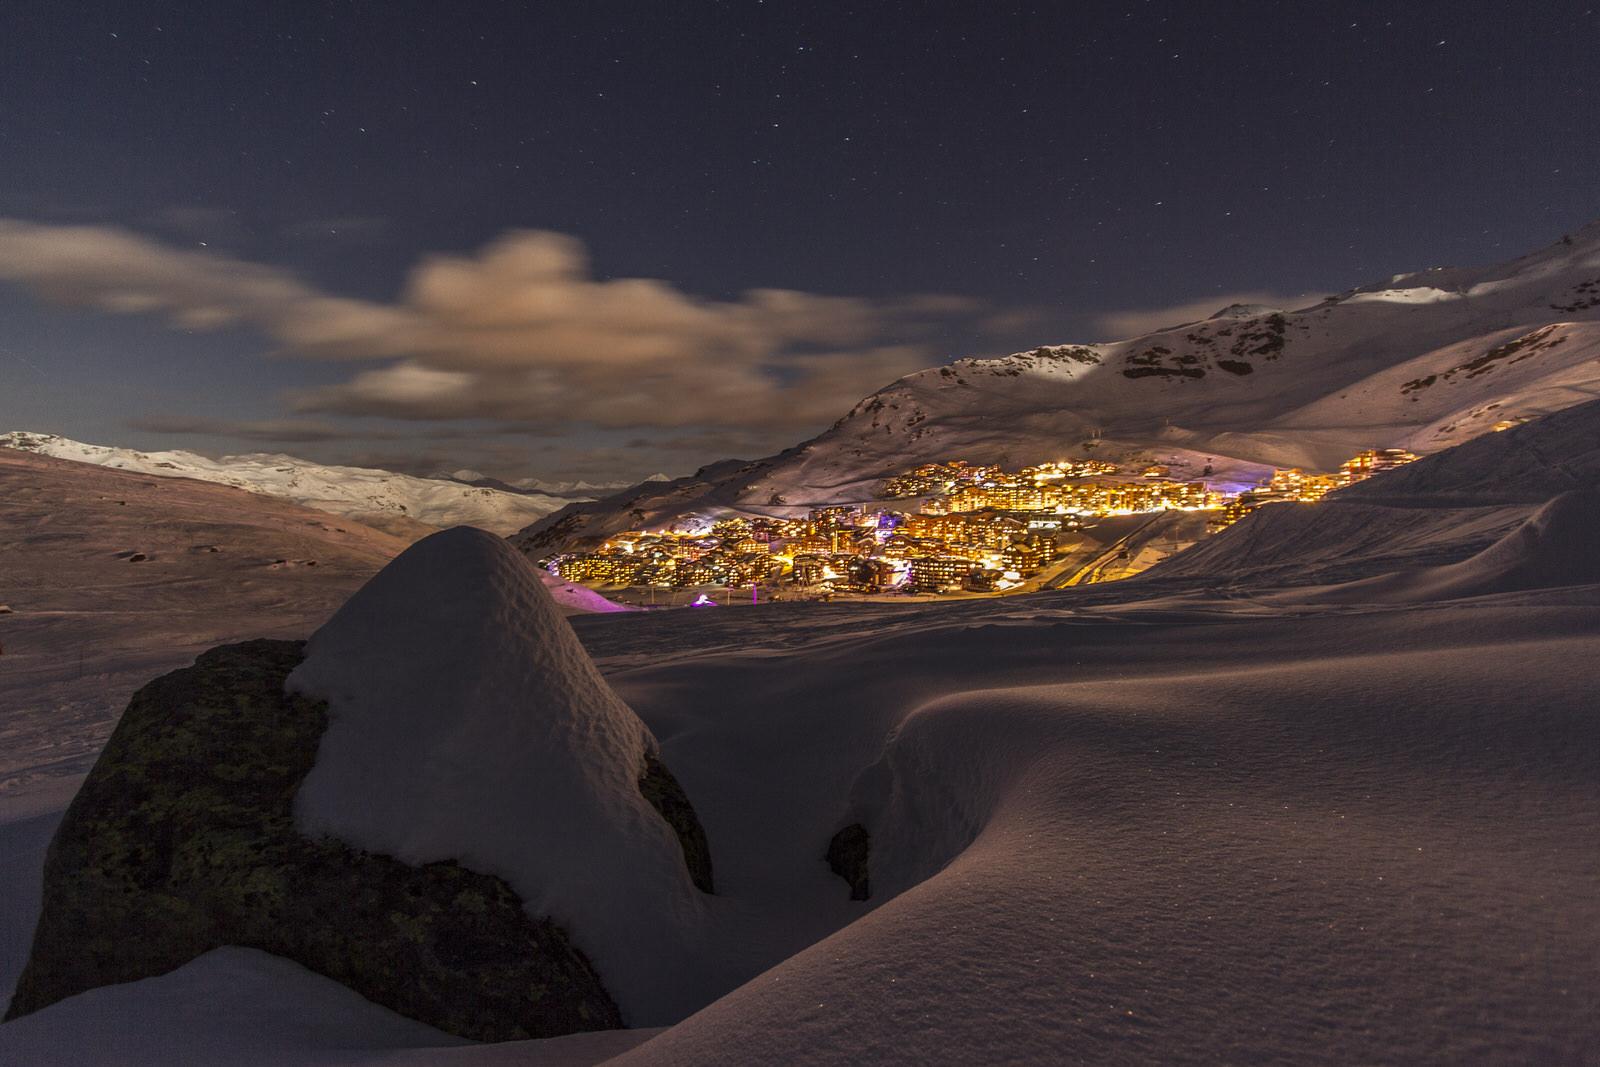 Vue de Val Thorens la nuit - Les 3 Vallées